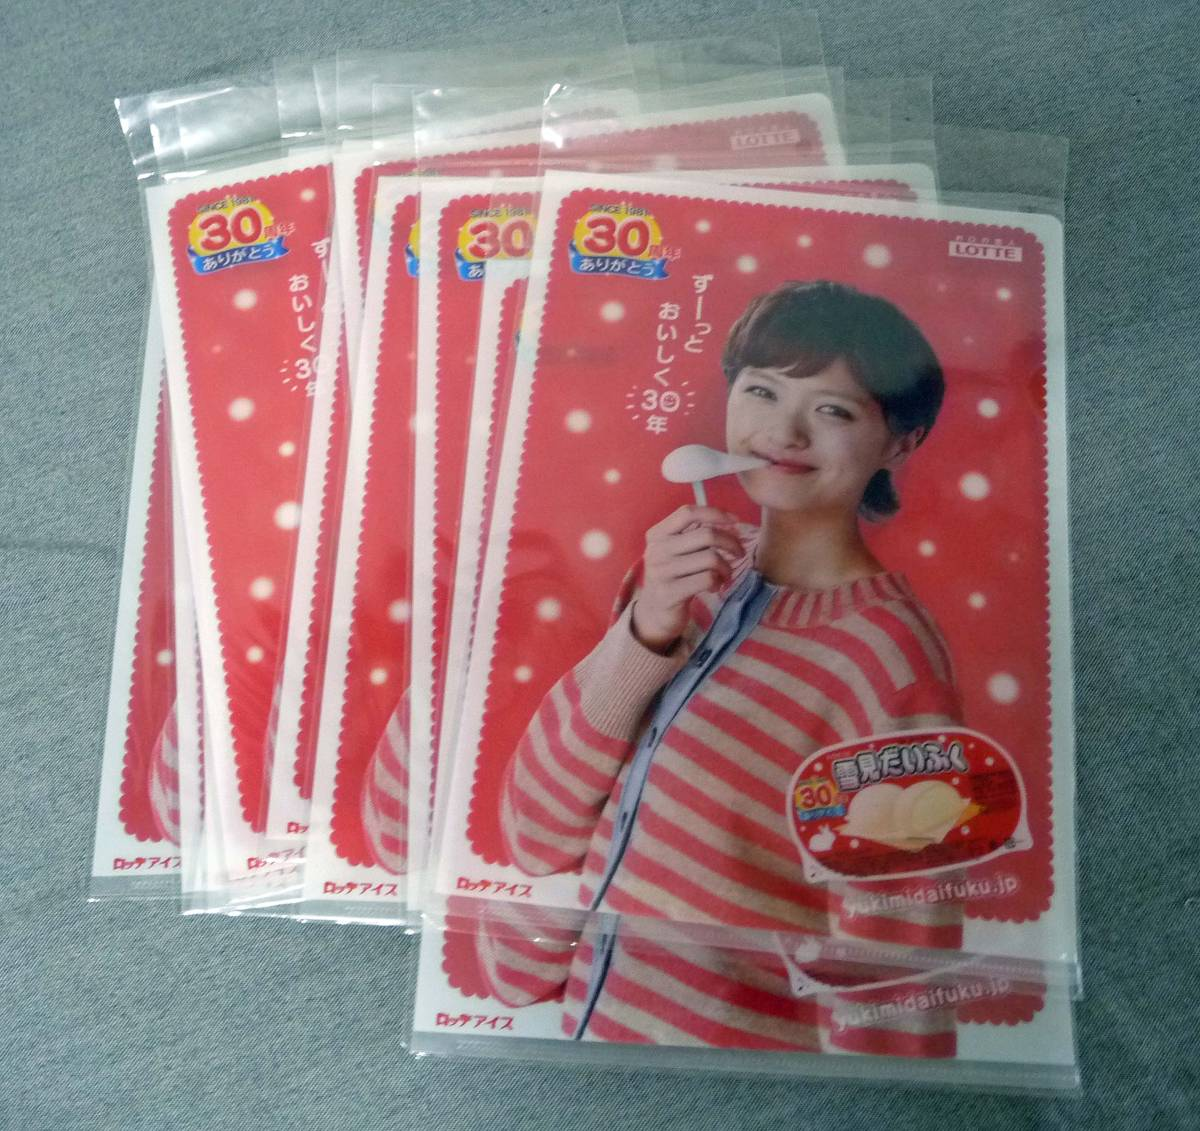 榮倉奈々さん A4クリアファイル 12枚  ロッテ雪見だいふく グッズの画像